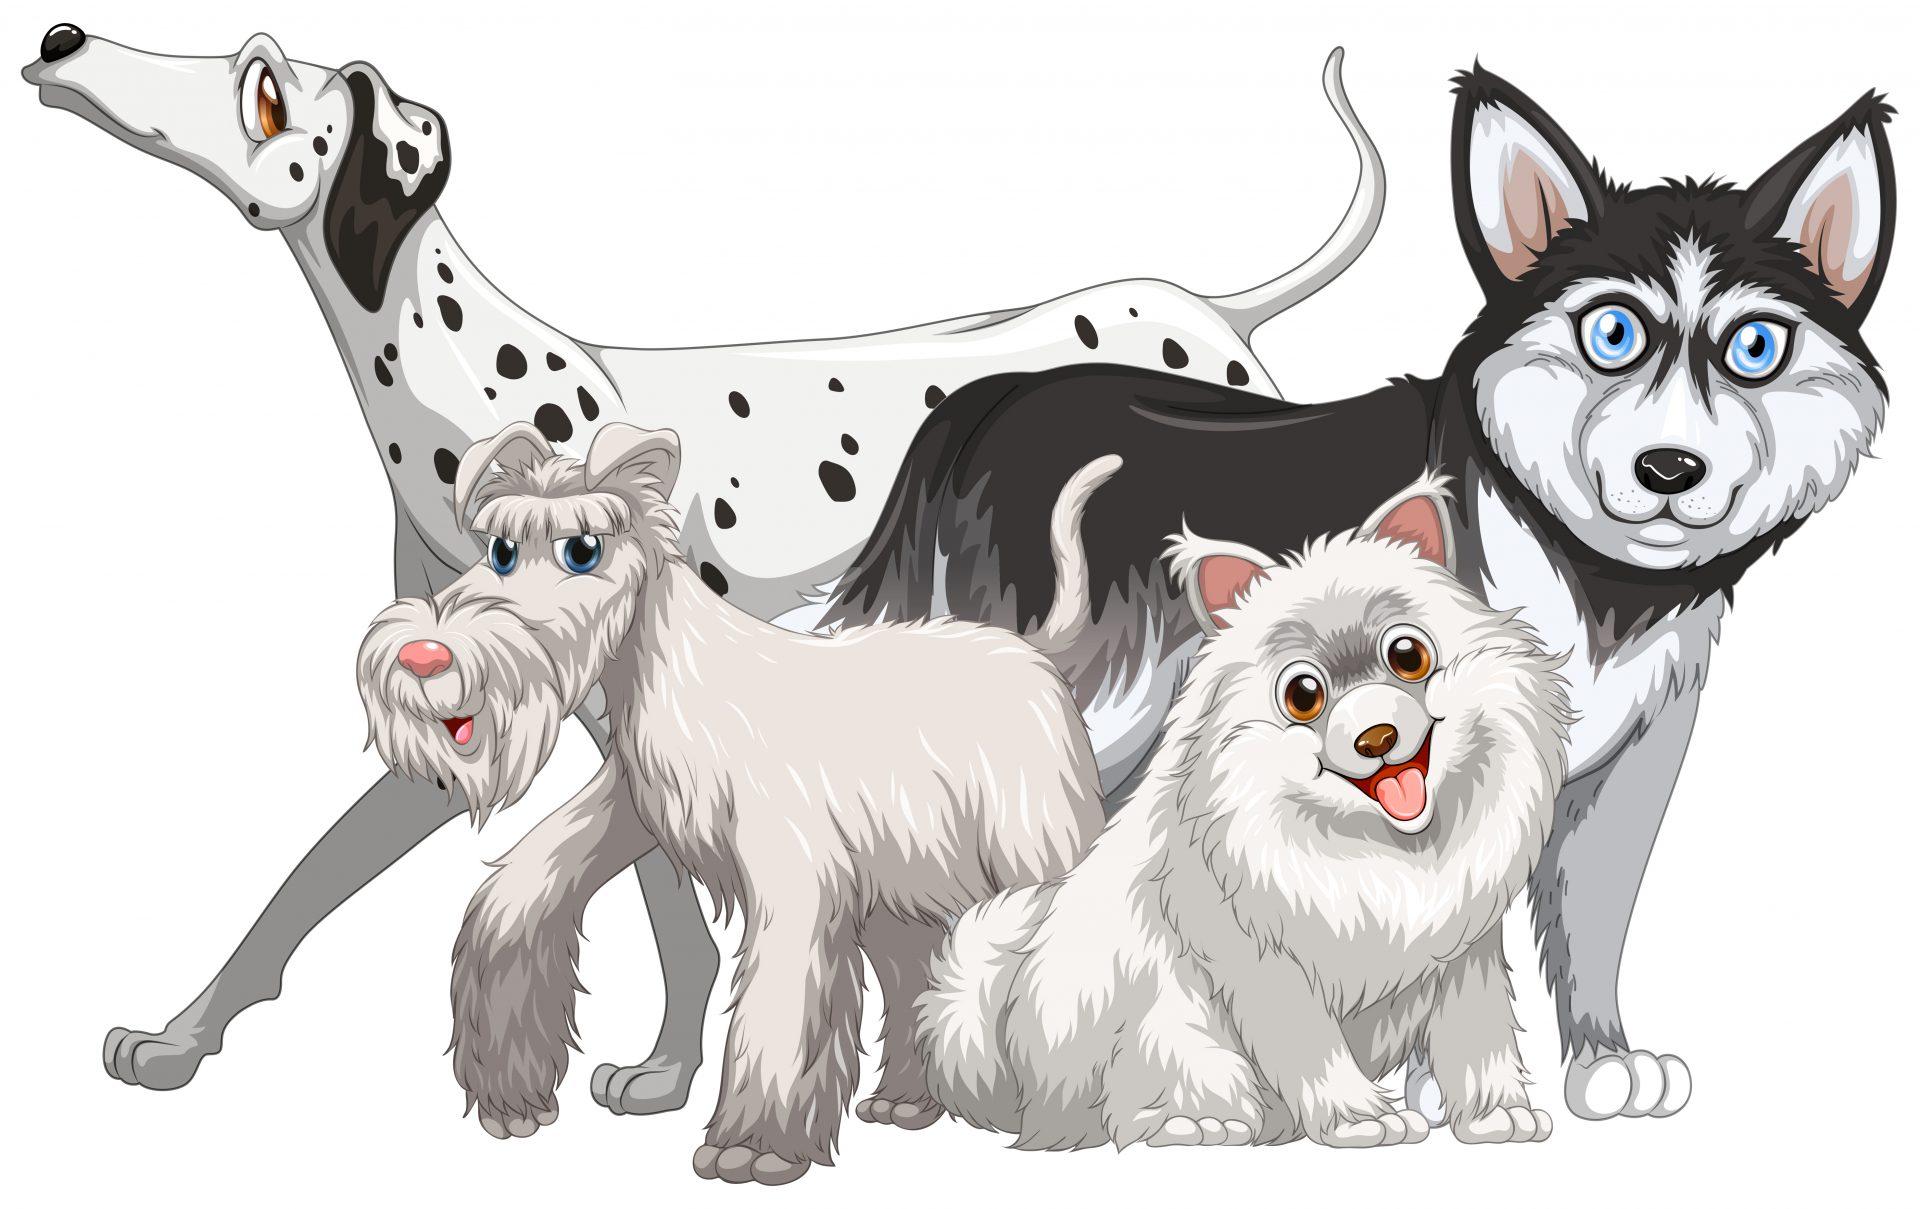 Dibujo con varios tipos de perros distintos